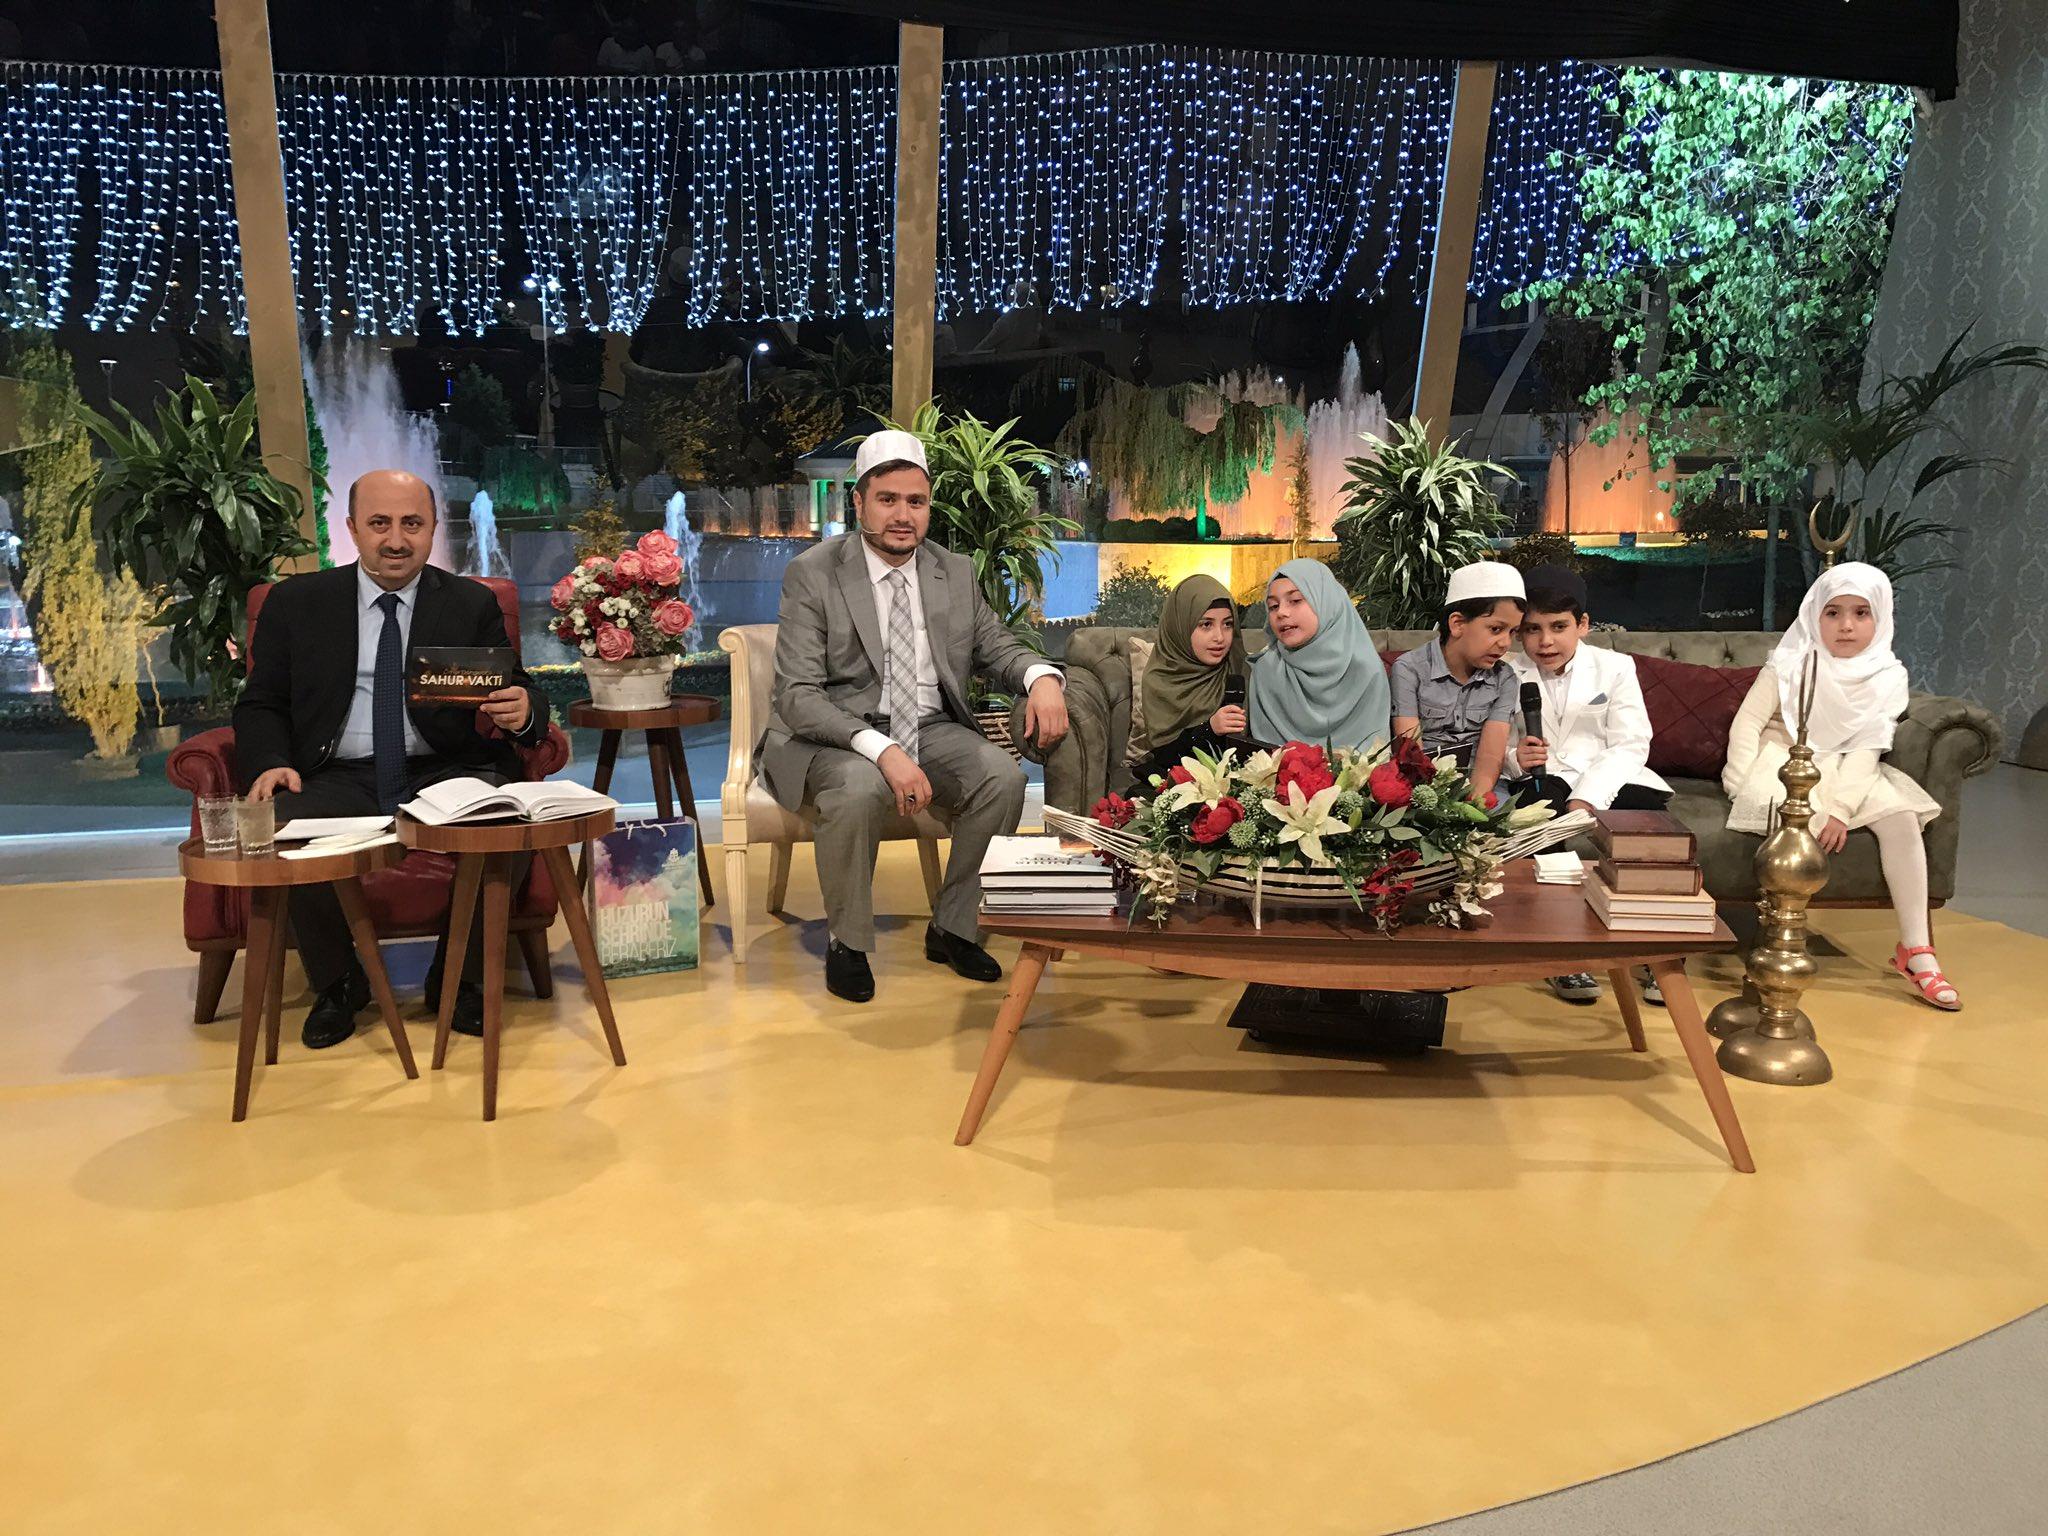 Bismillah birazdan bu seneki son  @Sahurvakti7 @kanal7 de bu güzel cennet meyveleriyle başlıyoruz https://t.co/QvHpiUHlaP